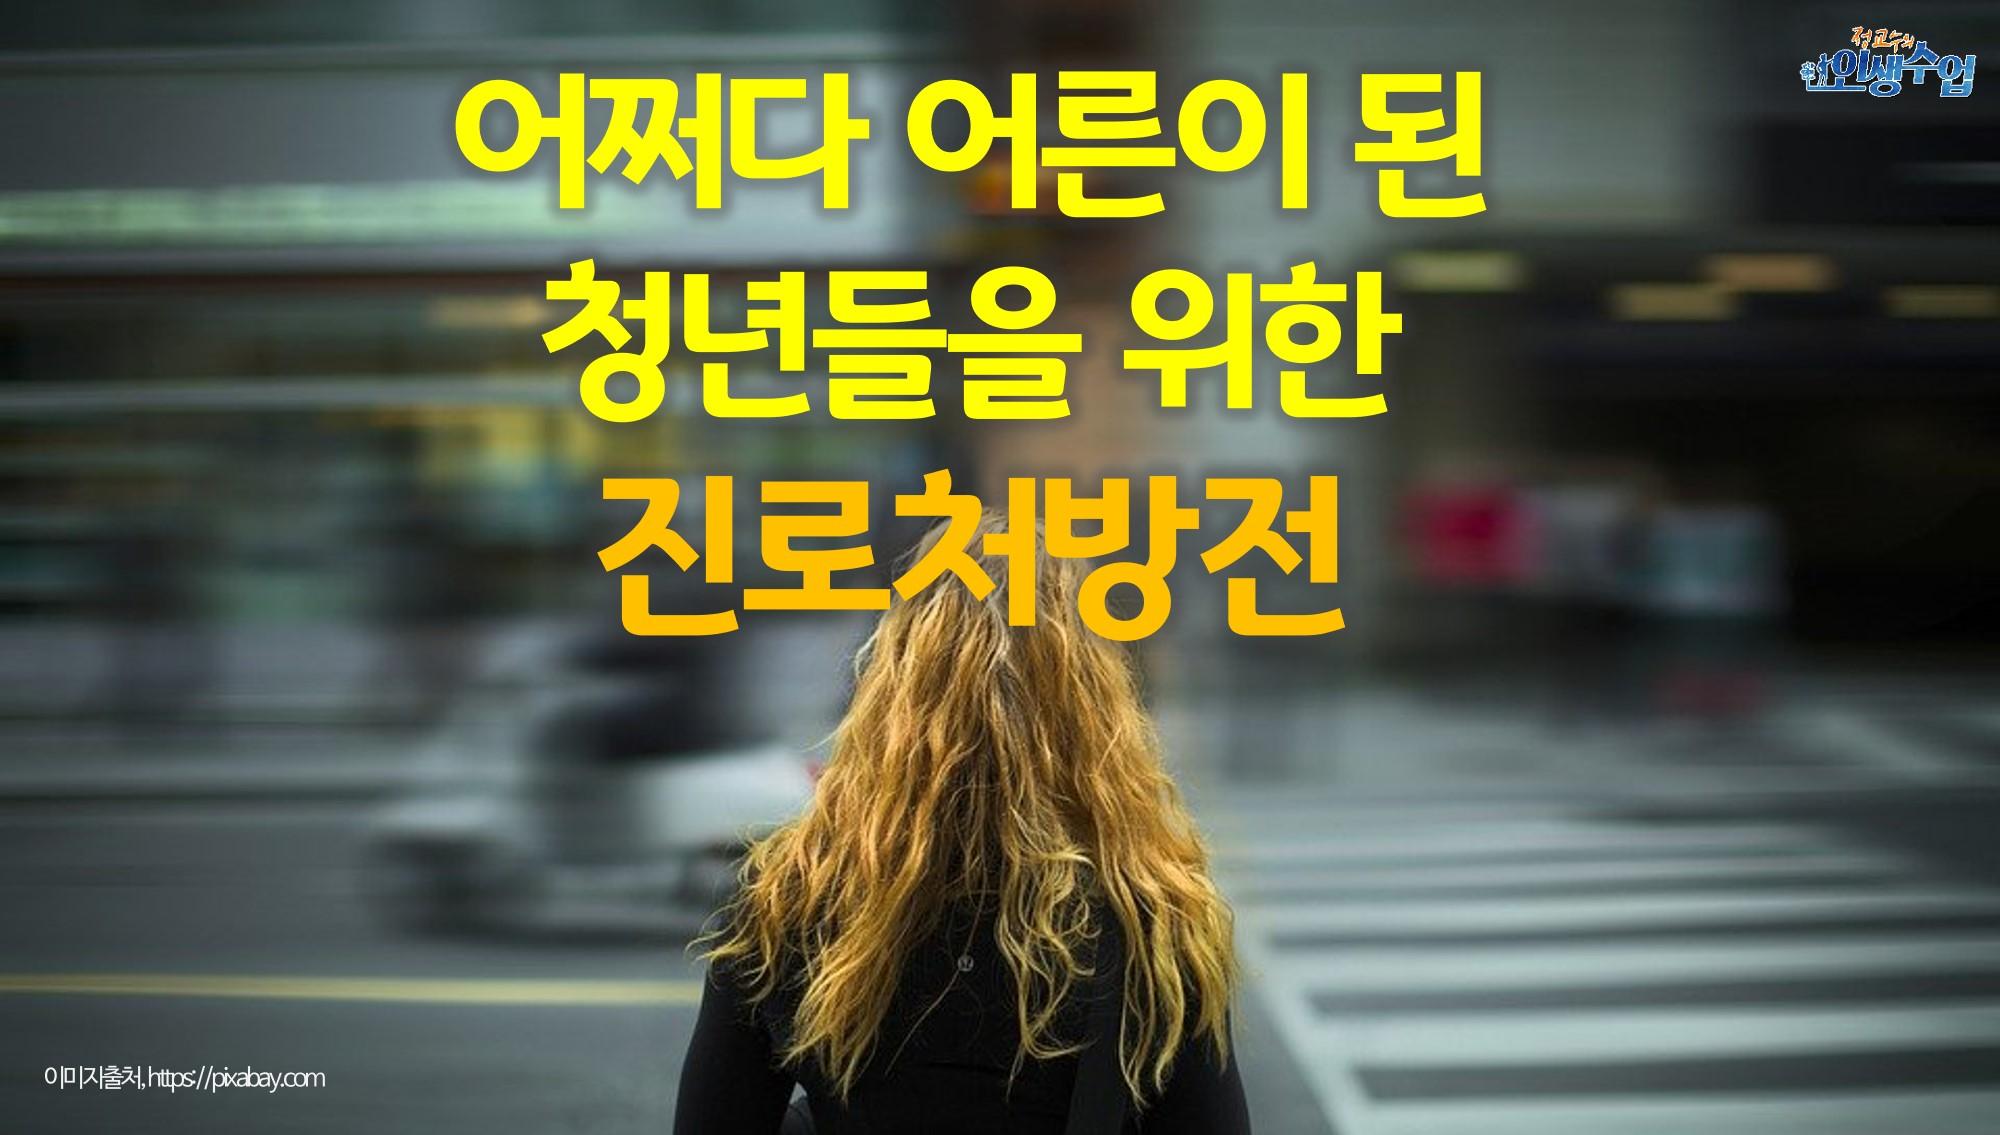 어쩌다 어른이 된 대한민국 청년들을 위한 진로처방전